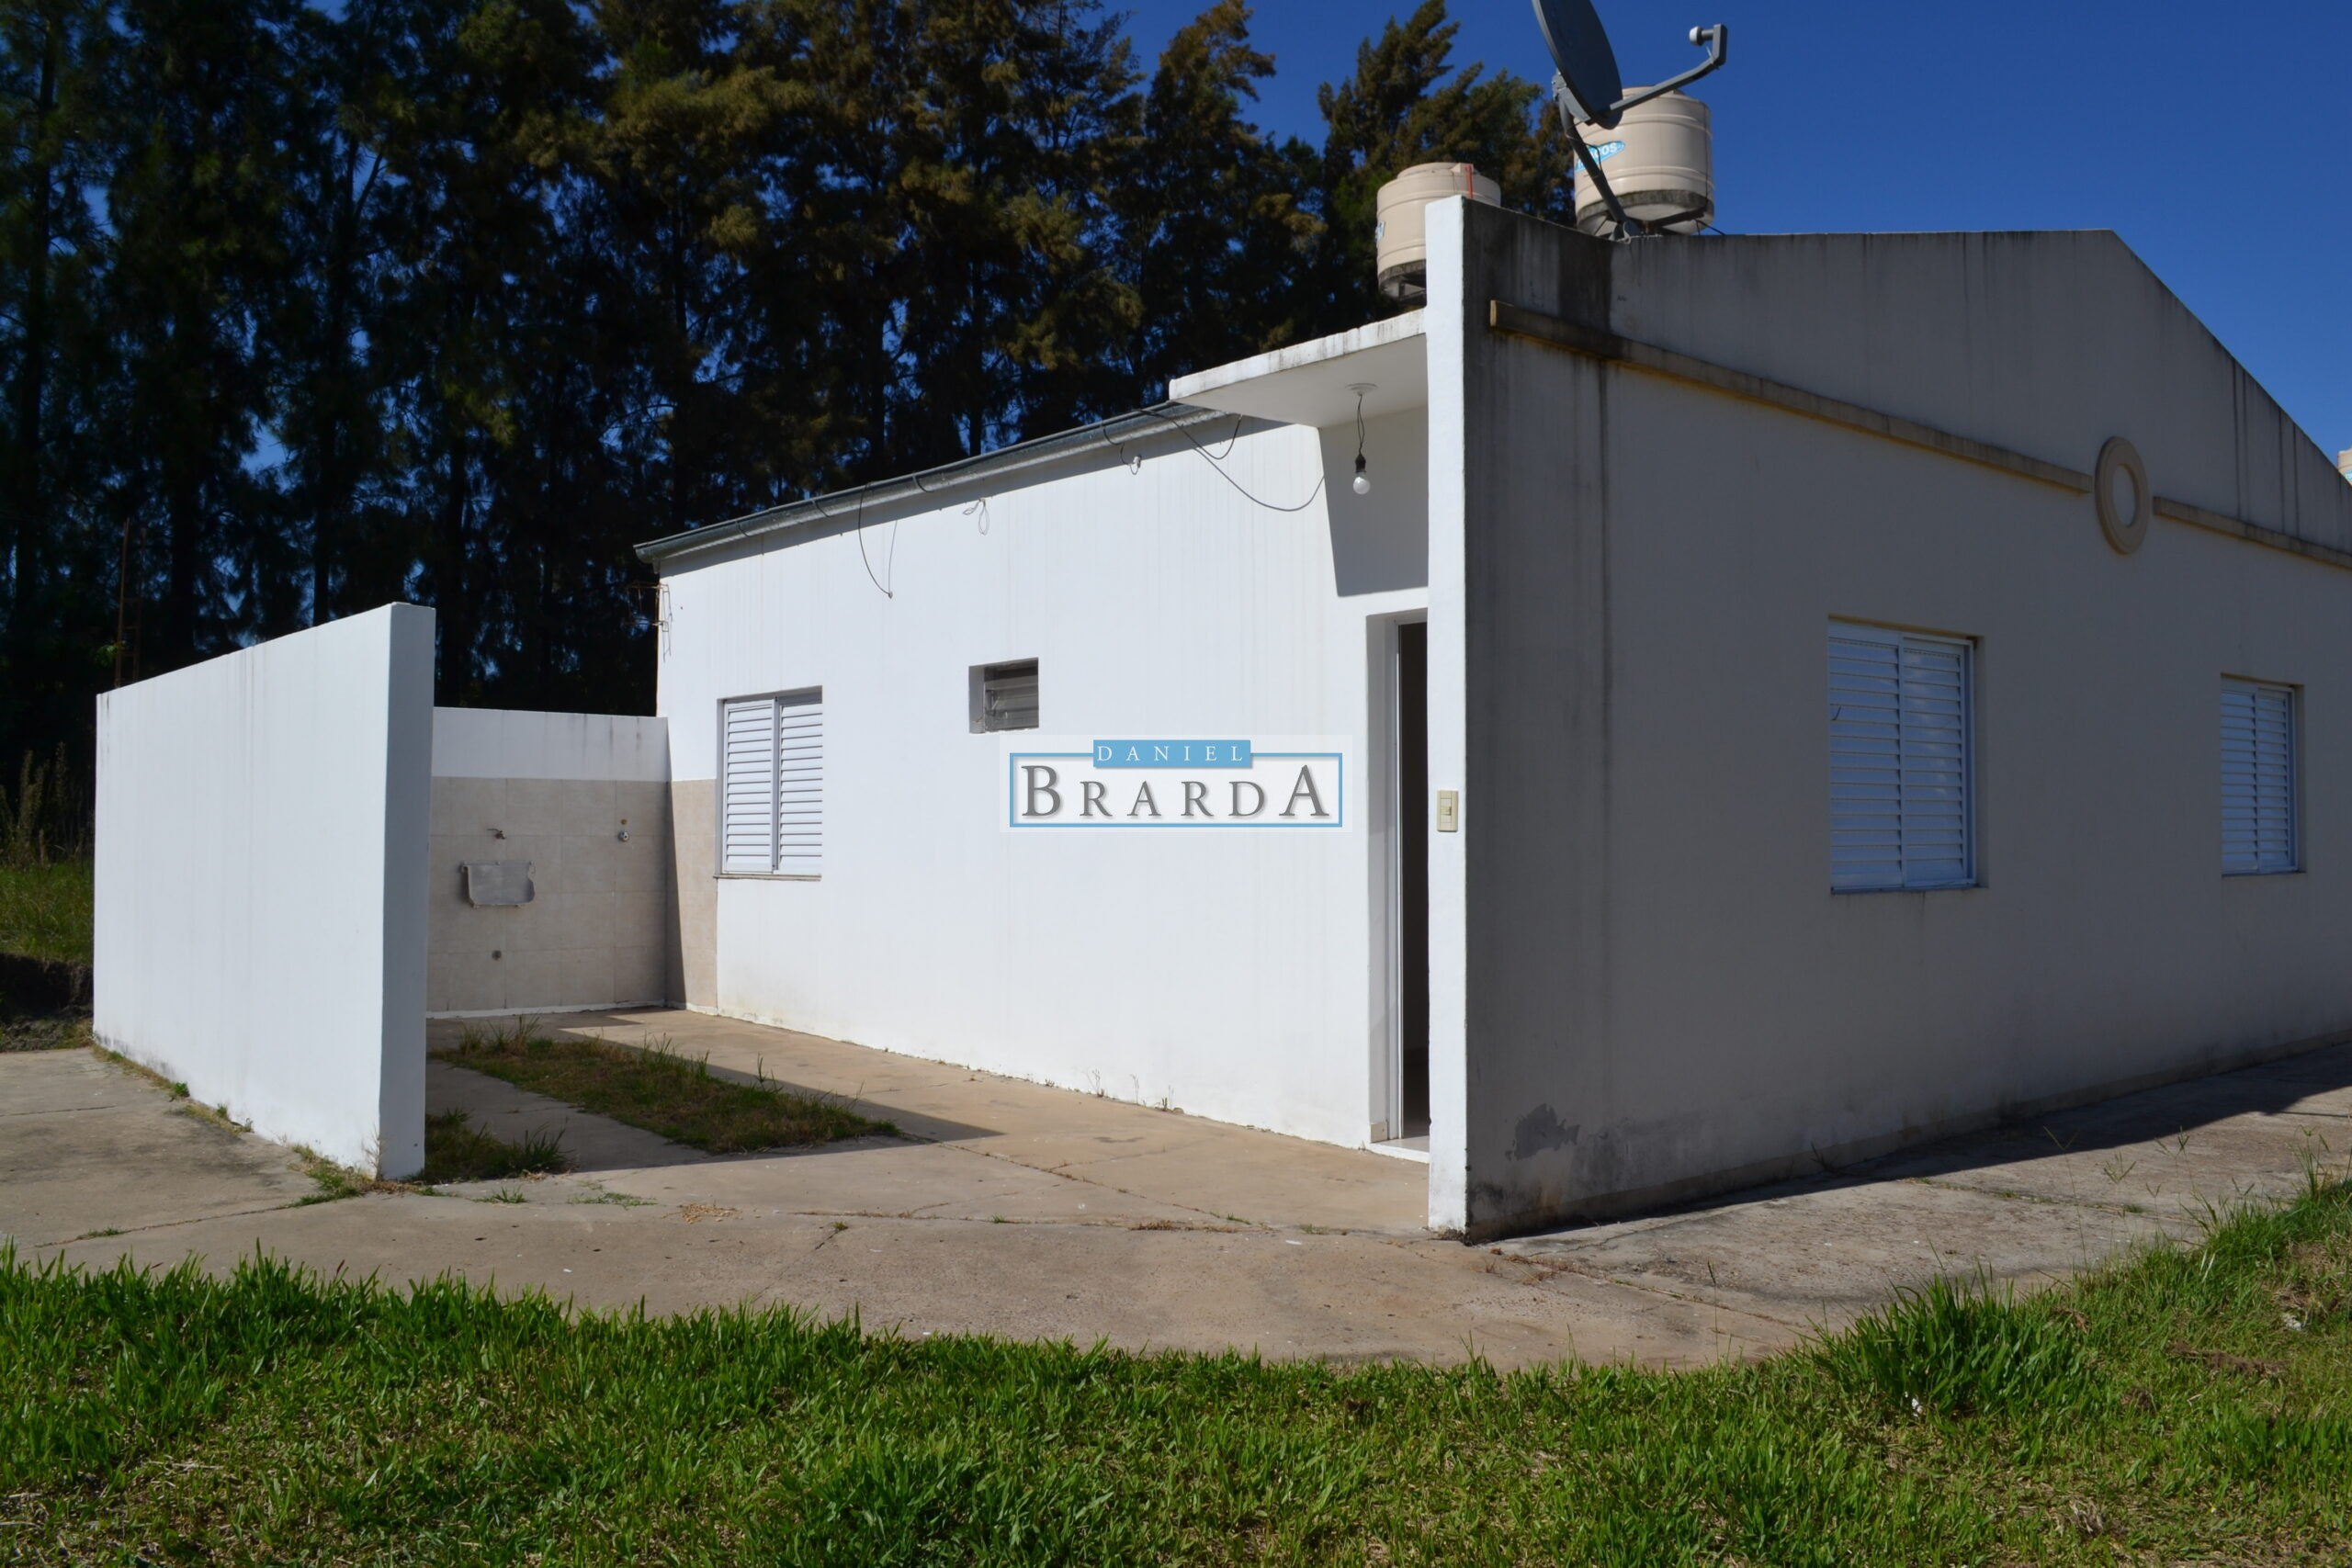 Departamento en Pasaje Susana Brarda y P. Mugica en Bº Jardín